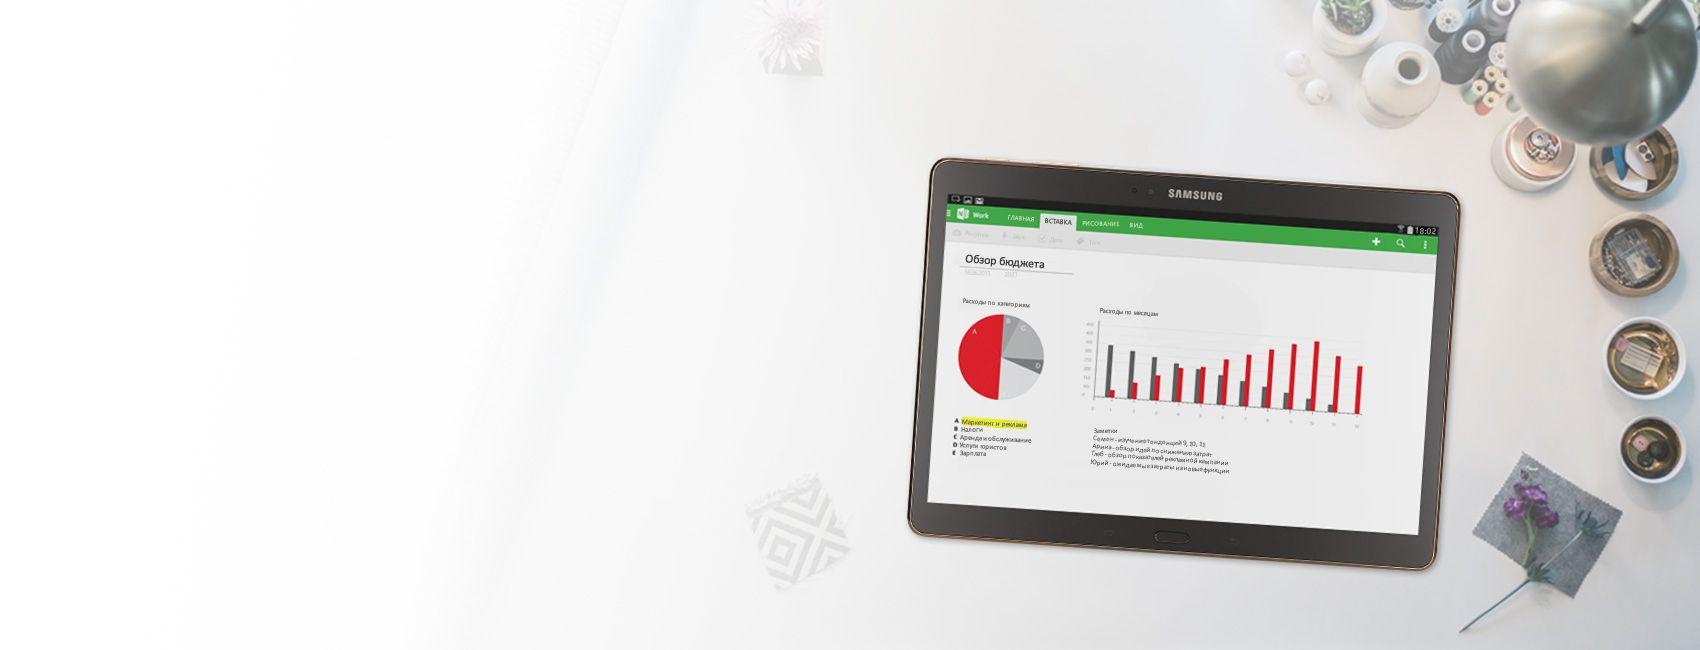 Планшет, на экране которого– записная книжка OneNote с обзором бюджета с диаграммами и графиками.